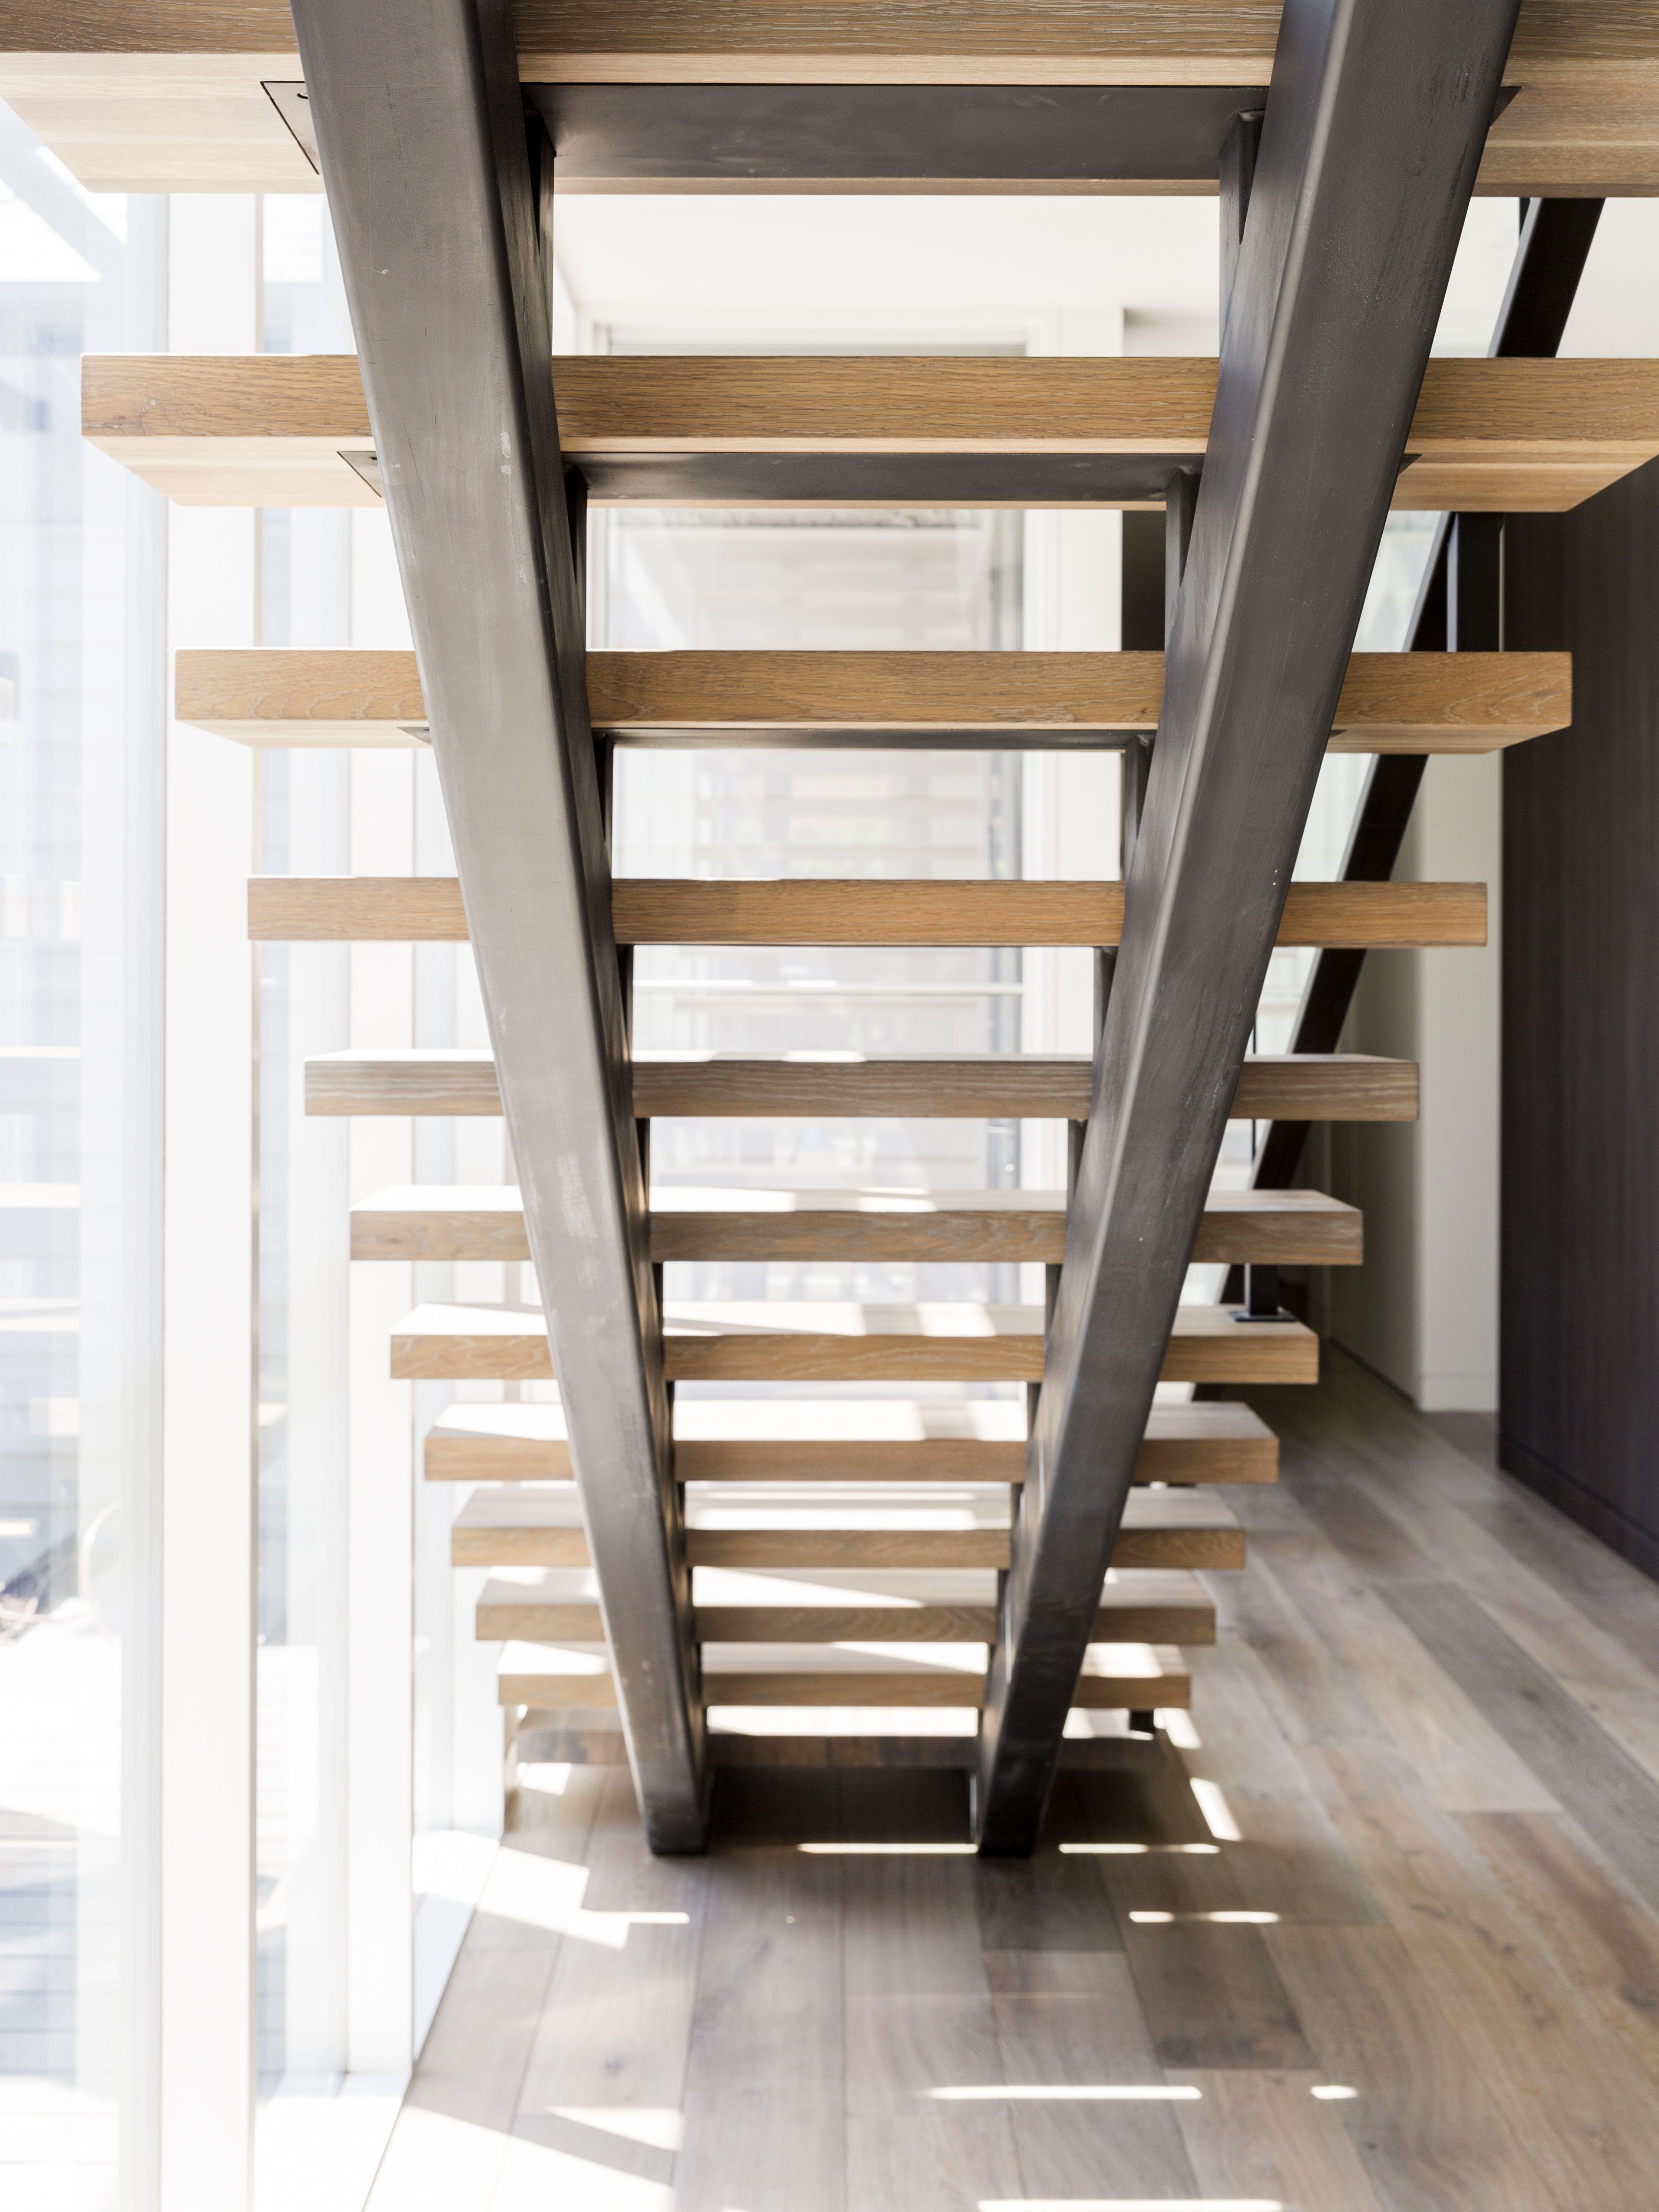 Stair Modern Design Architecture Steel Stringers Stainless Steel Framed Glass Balustrade Ha Modern Staircase Staircase Design Stairway Design